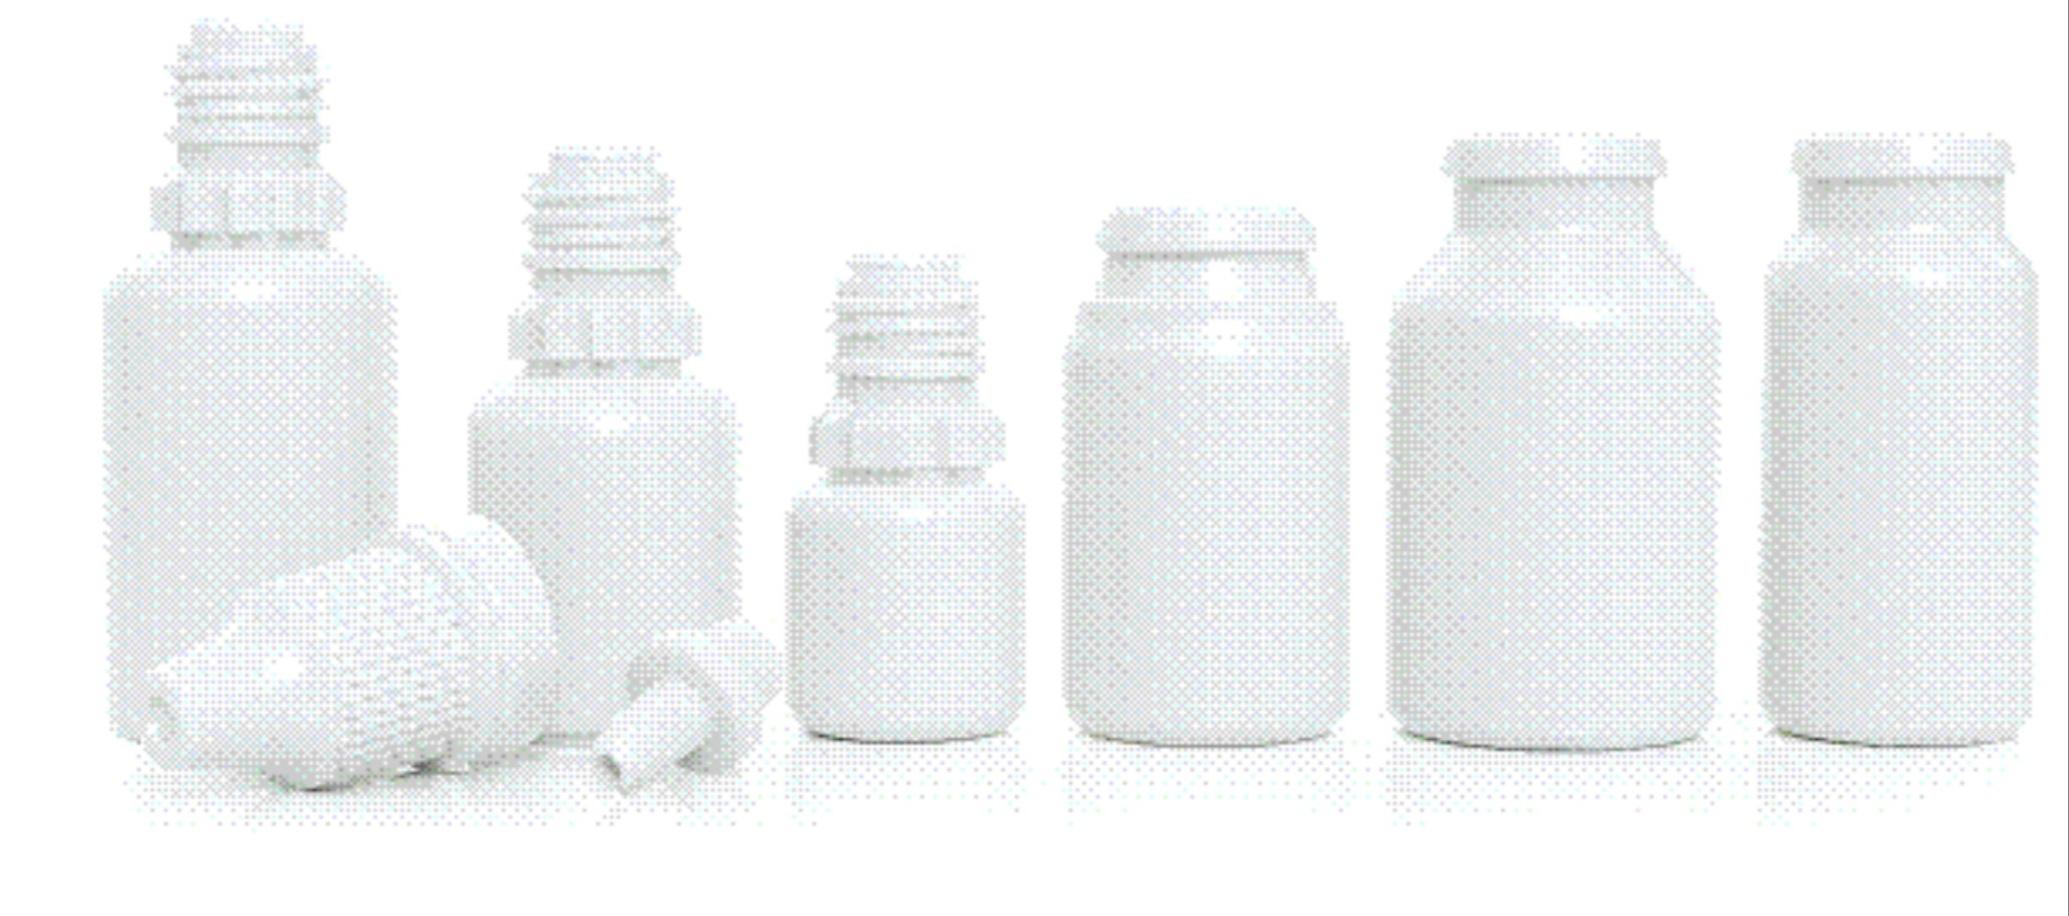 Novi izdelki, hitra dobava: plastenke s kapalkami, vrečke brez PVC za infuzije in nosni aktuatorji za otroke in odrasle